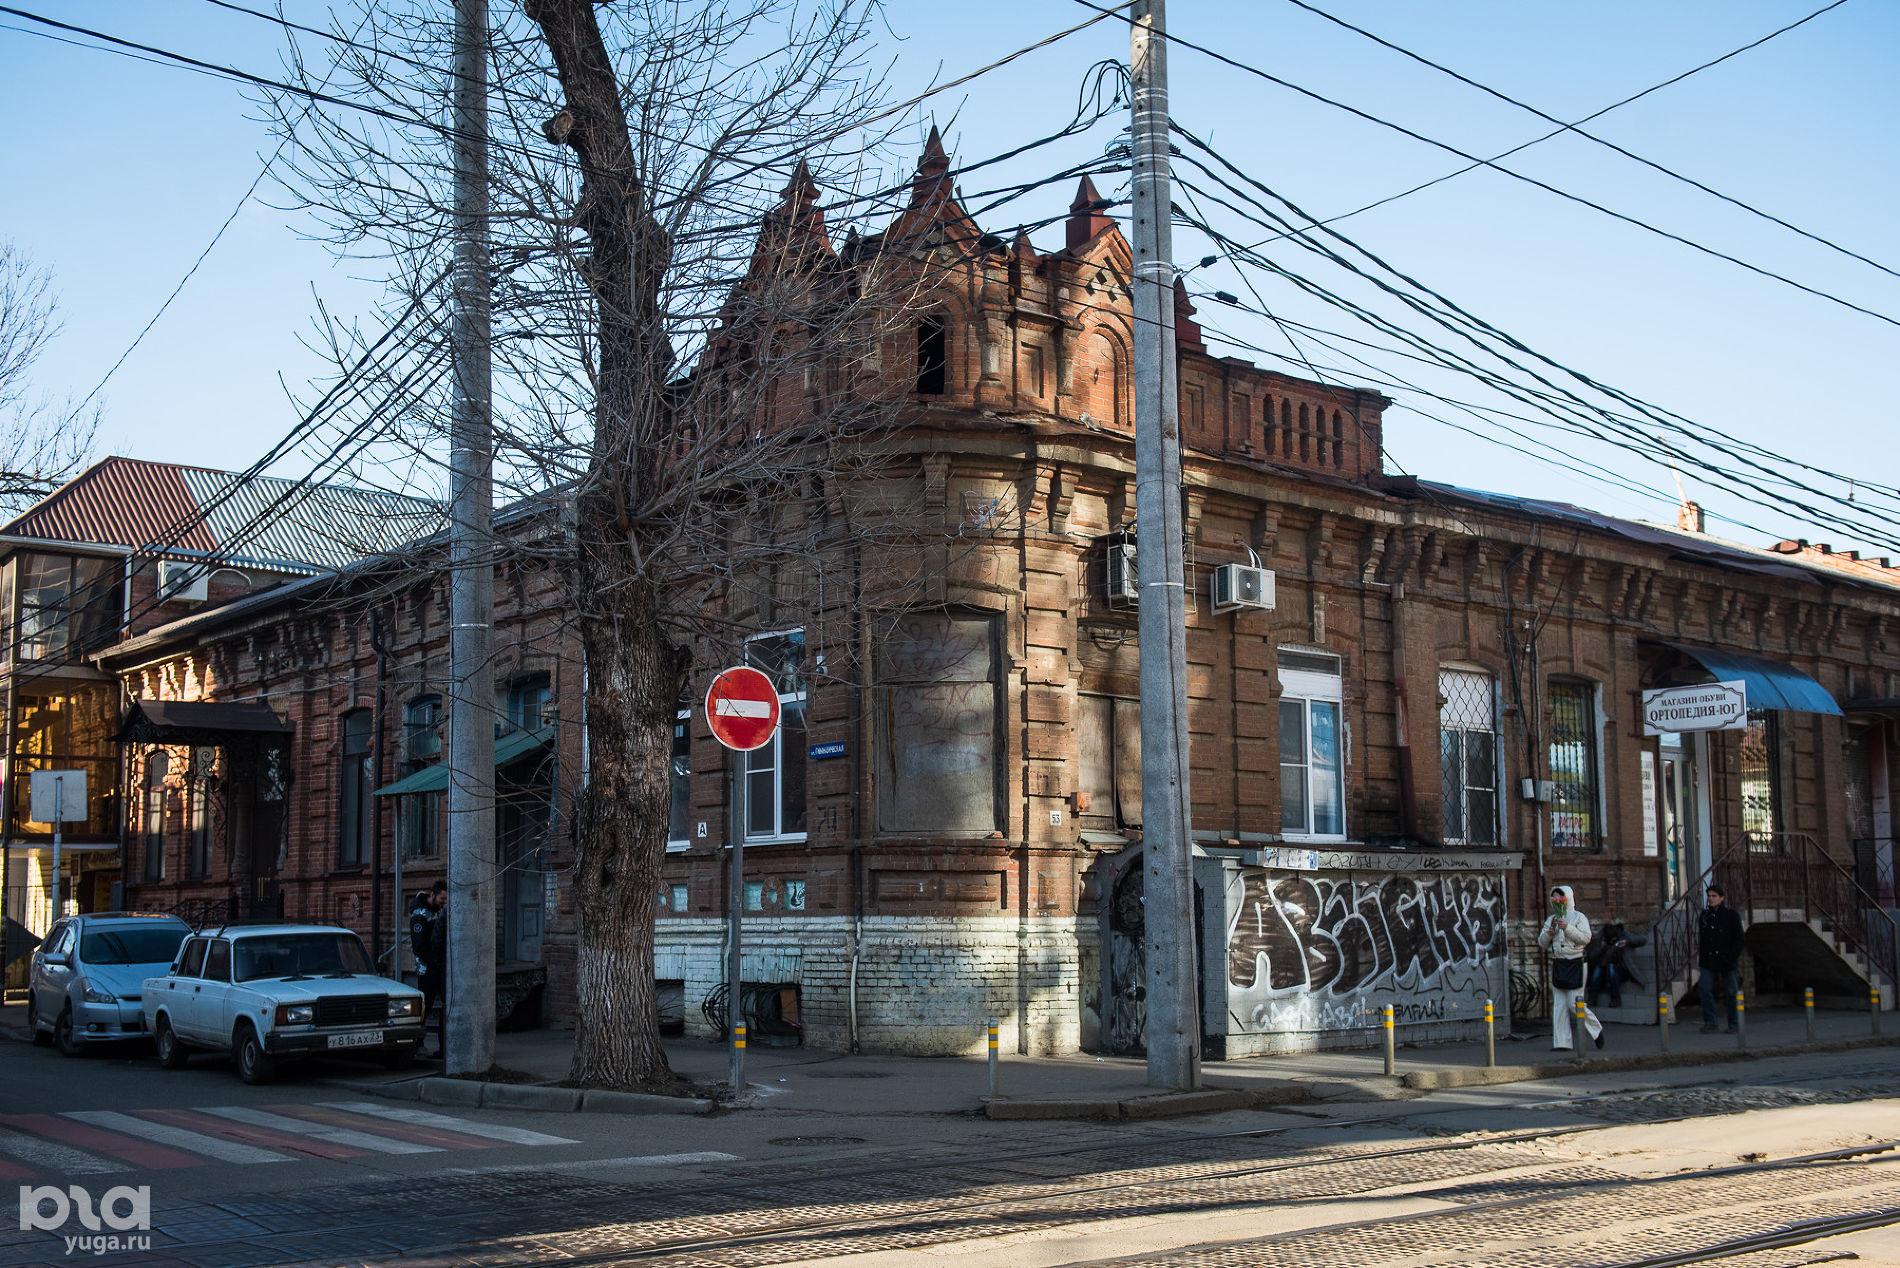 Коммунаров, 63. Дом жилой, конец XIX в. ©Фото Елены Синеок, Юга.ру